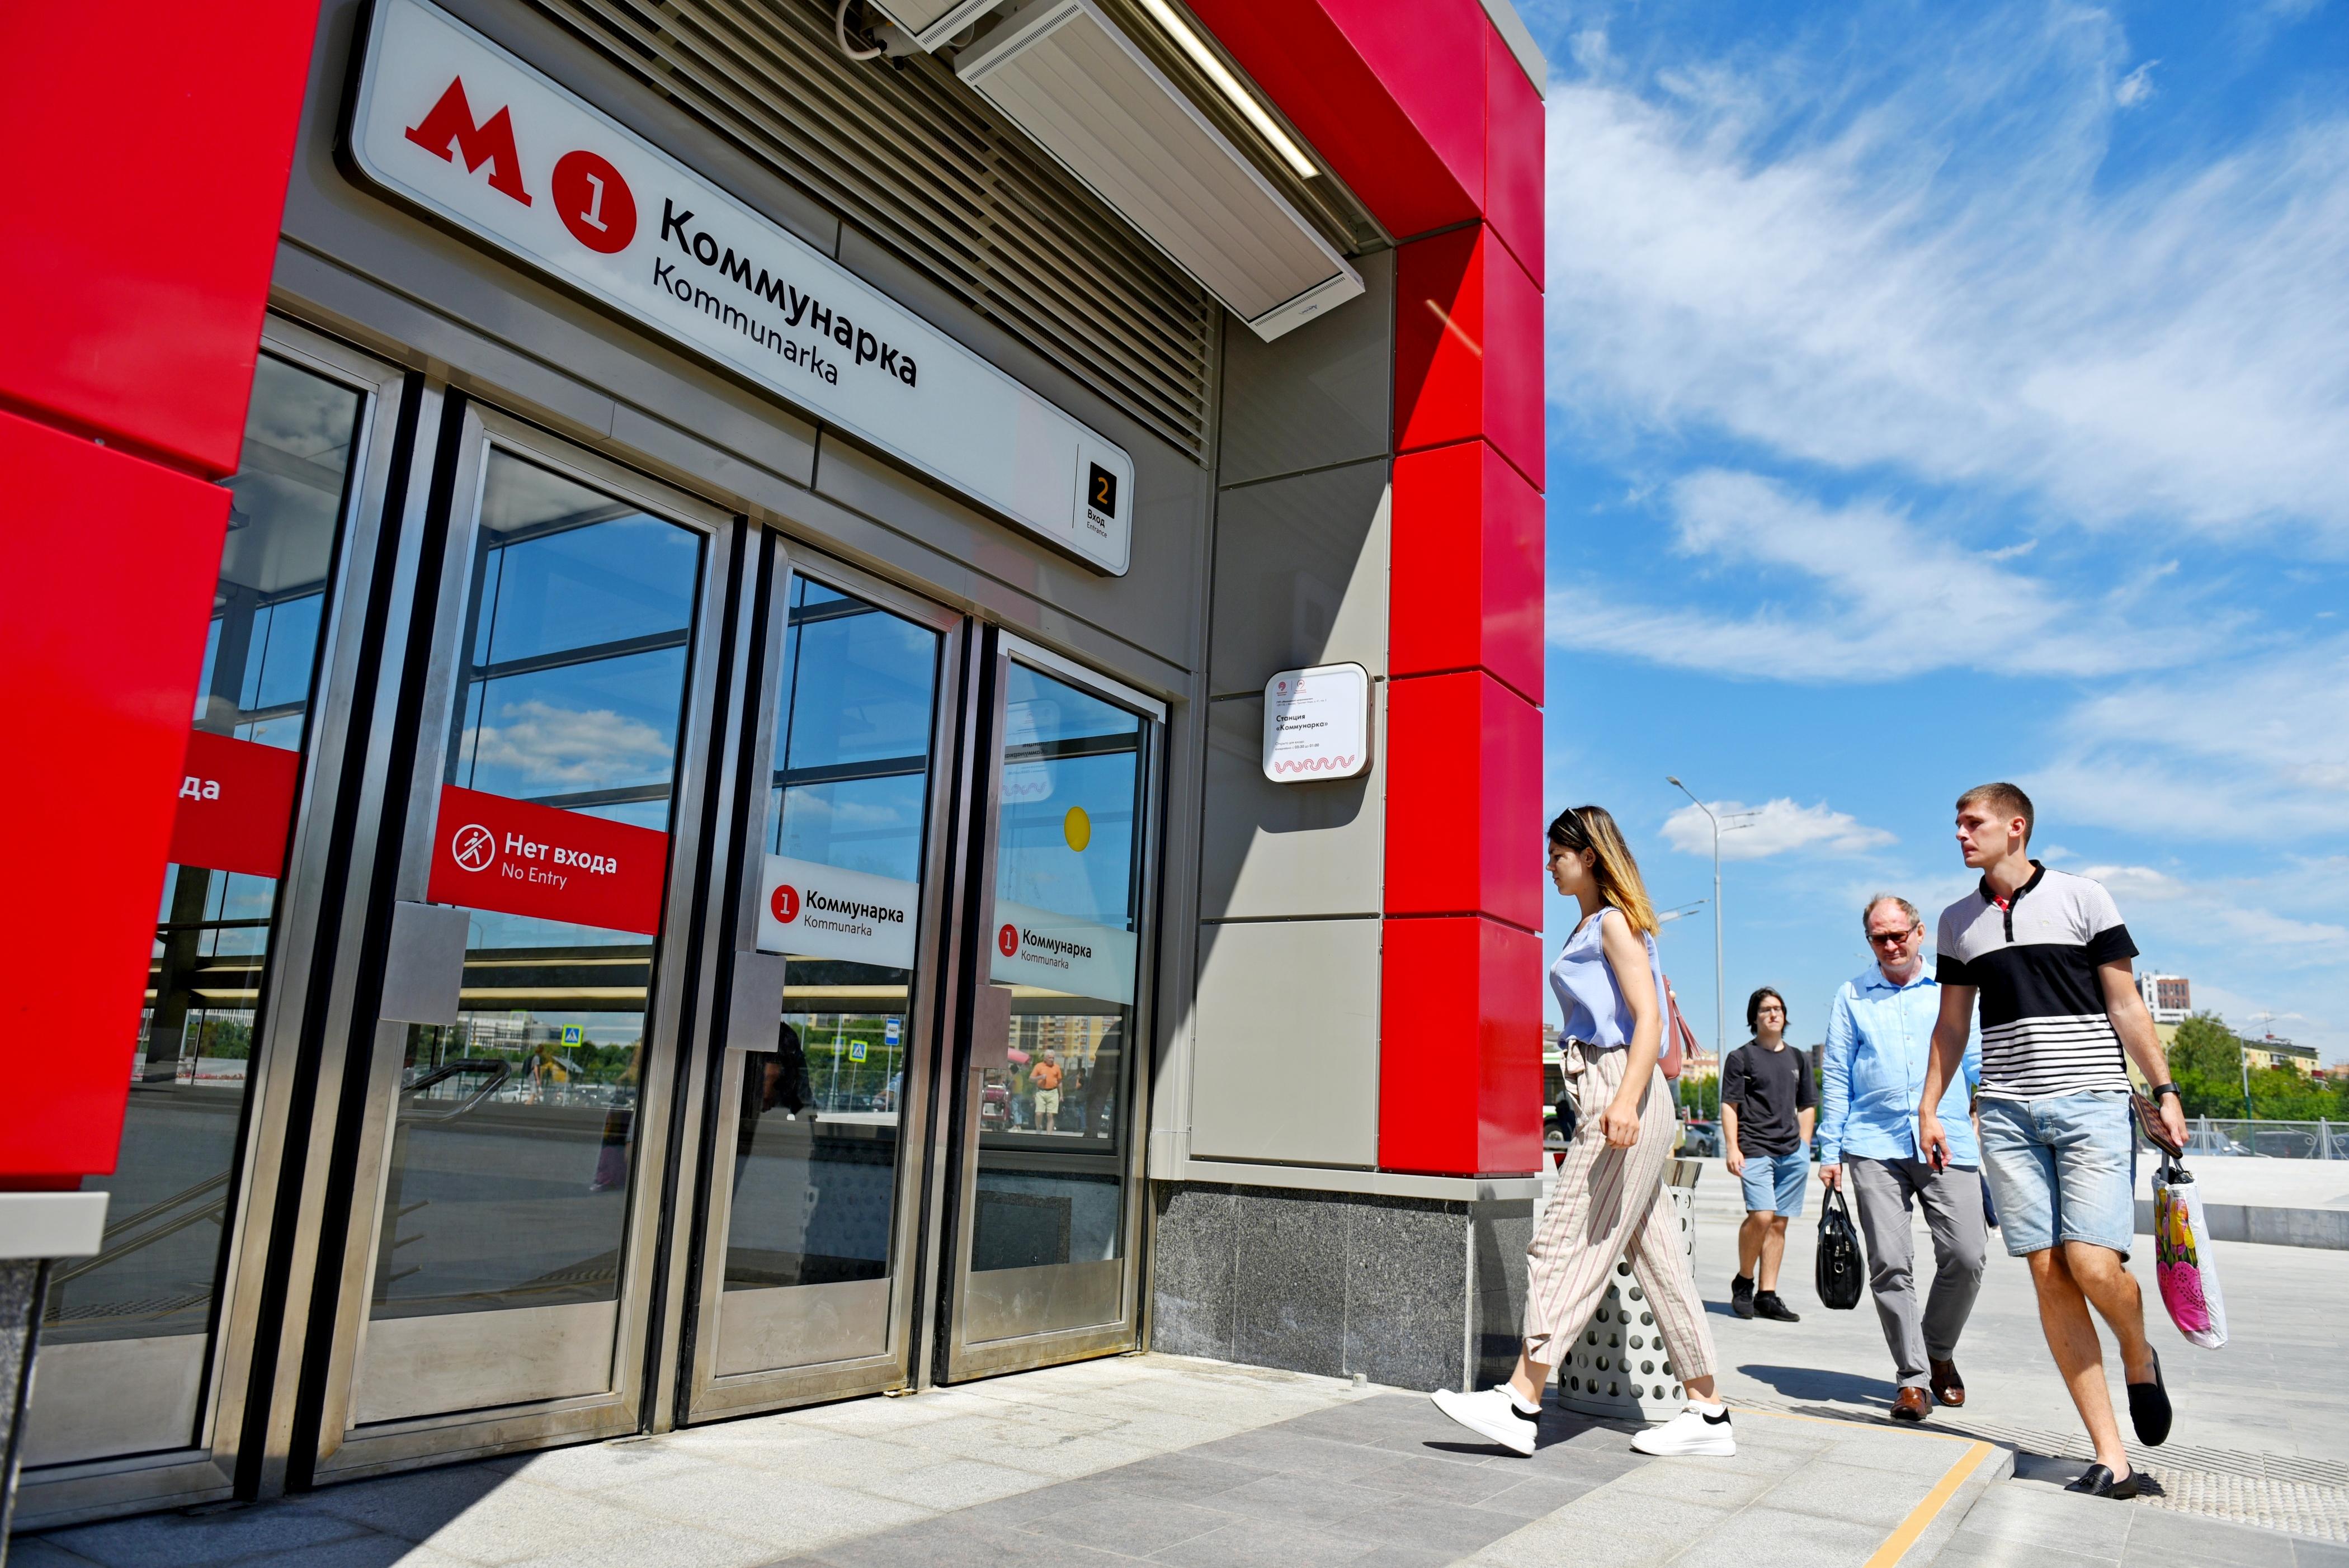 Пассажиров метро предупредили о закрытии четырех станций